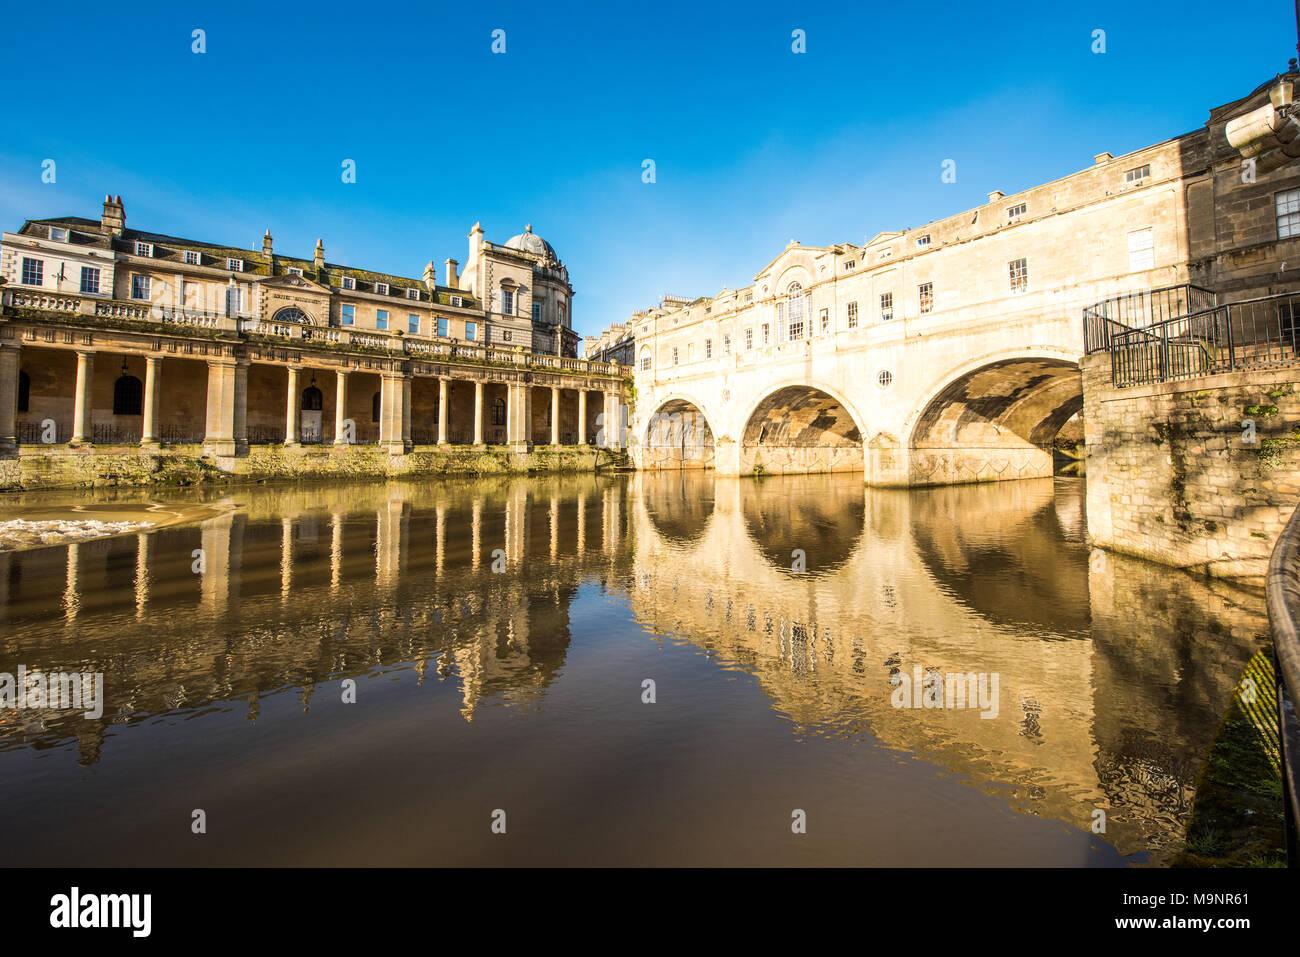 Historic Pulteney Bridge tre archi e la Grand Parade colonne riflessa nella scintillante fiume Avon nella vasca da bagno con un bel cielo blu chiaro Immagini Stock